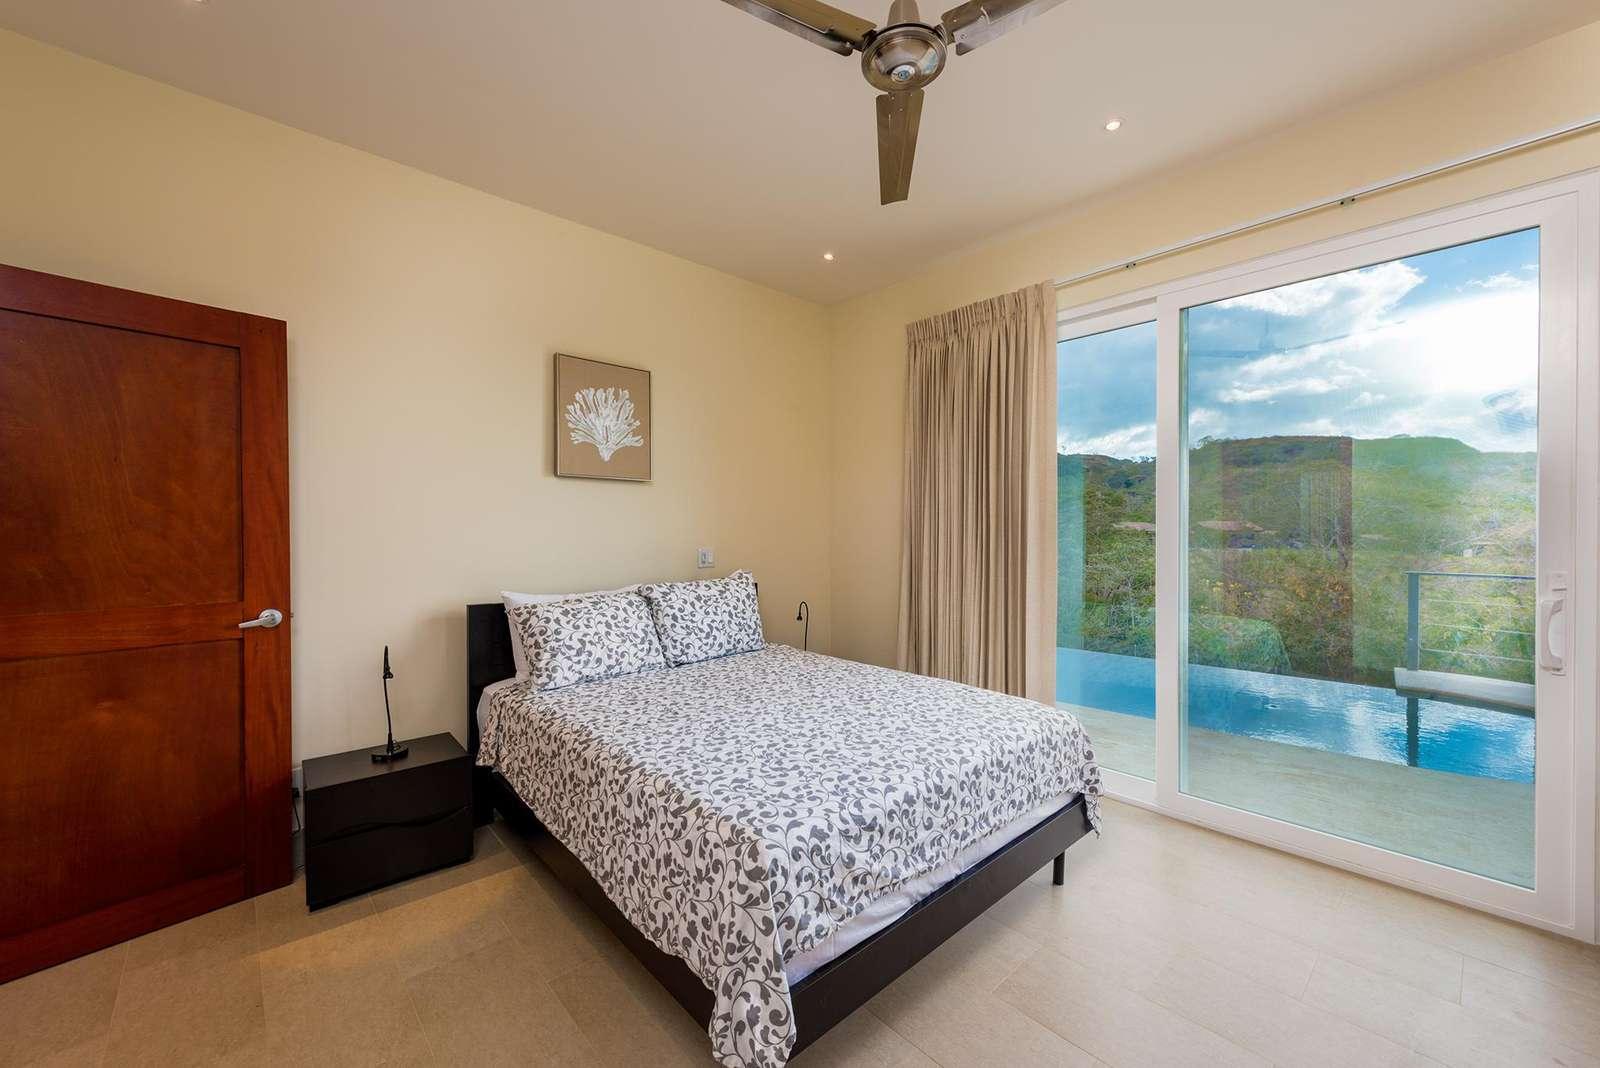 Guest bedroom, queen bed, private bathroom